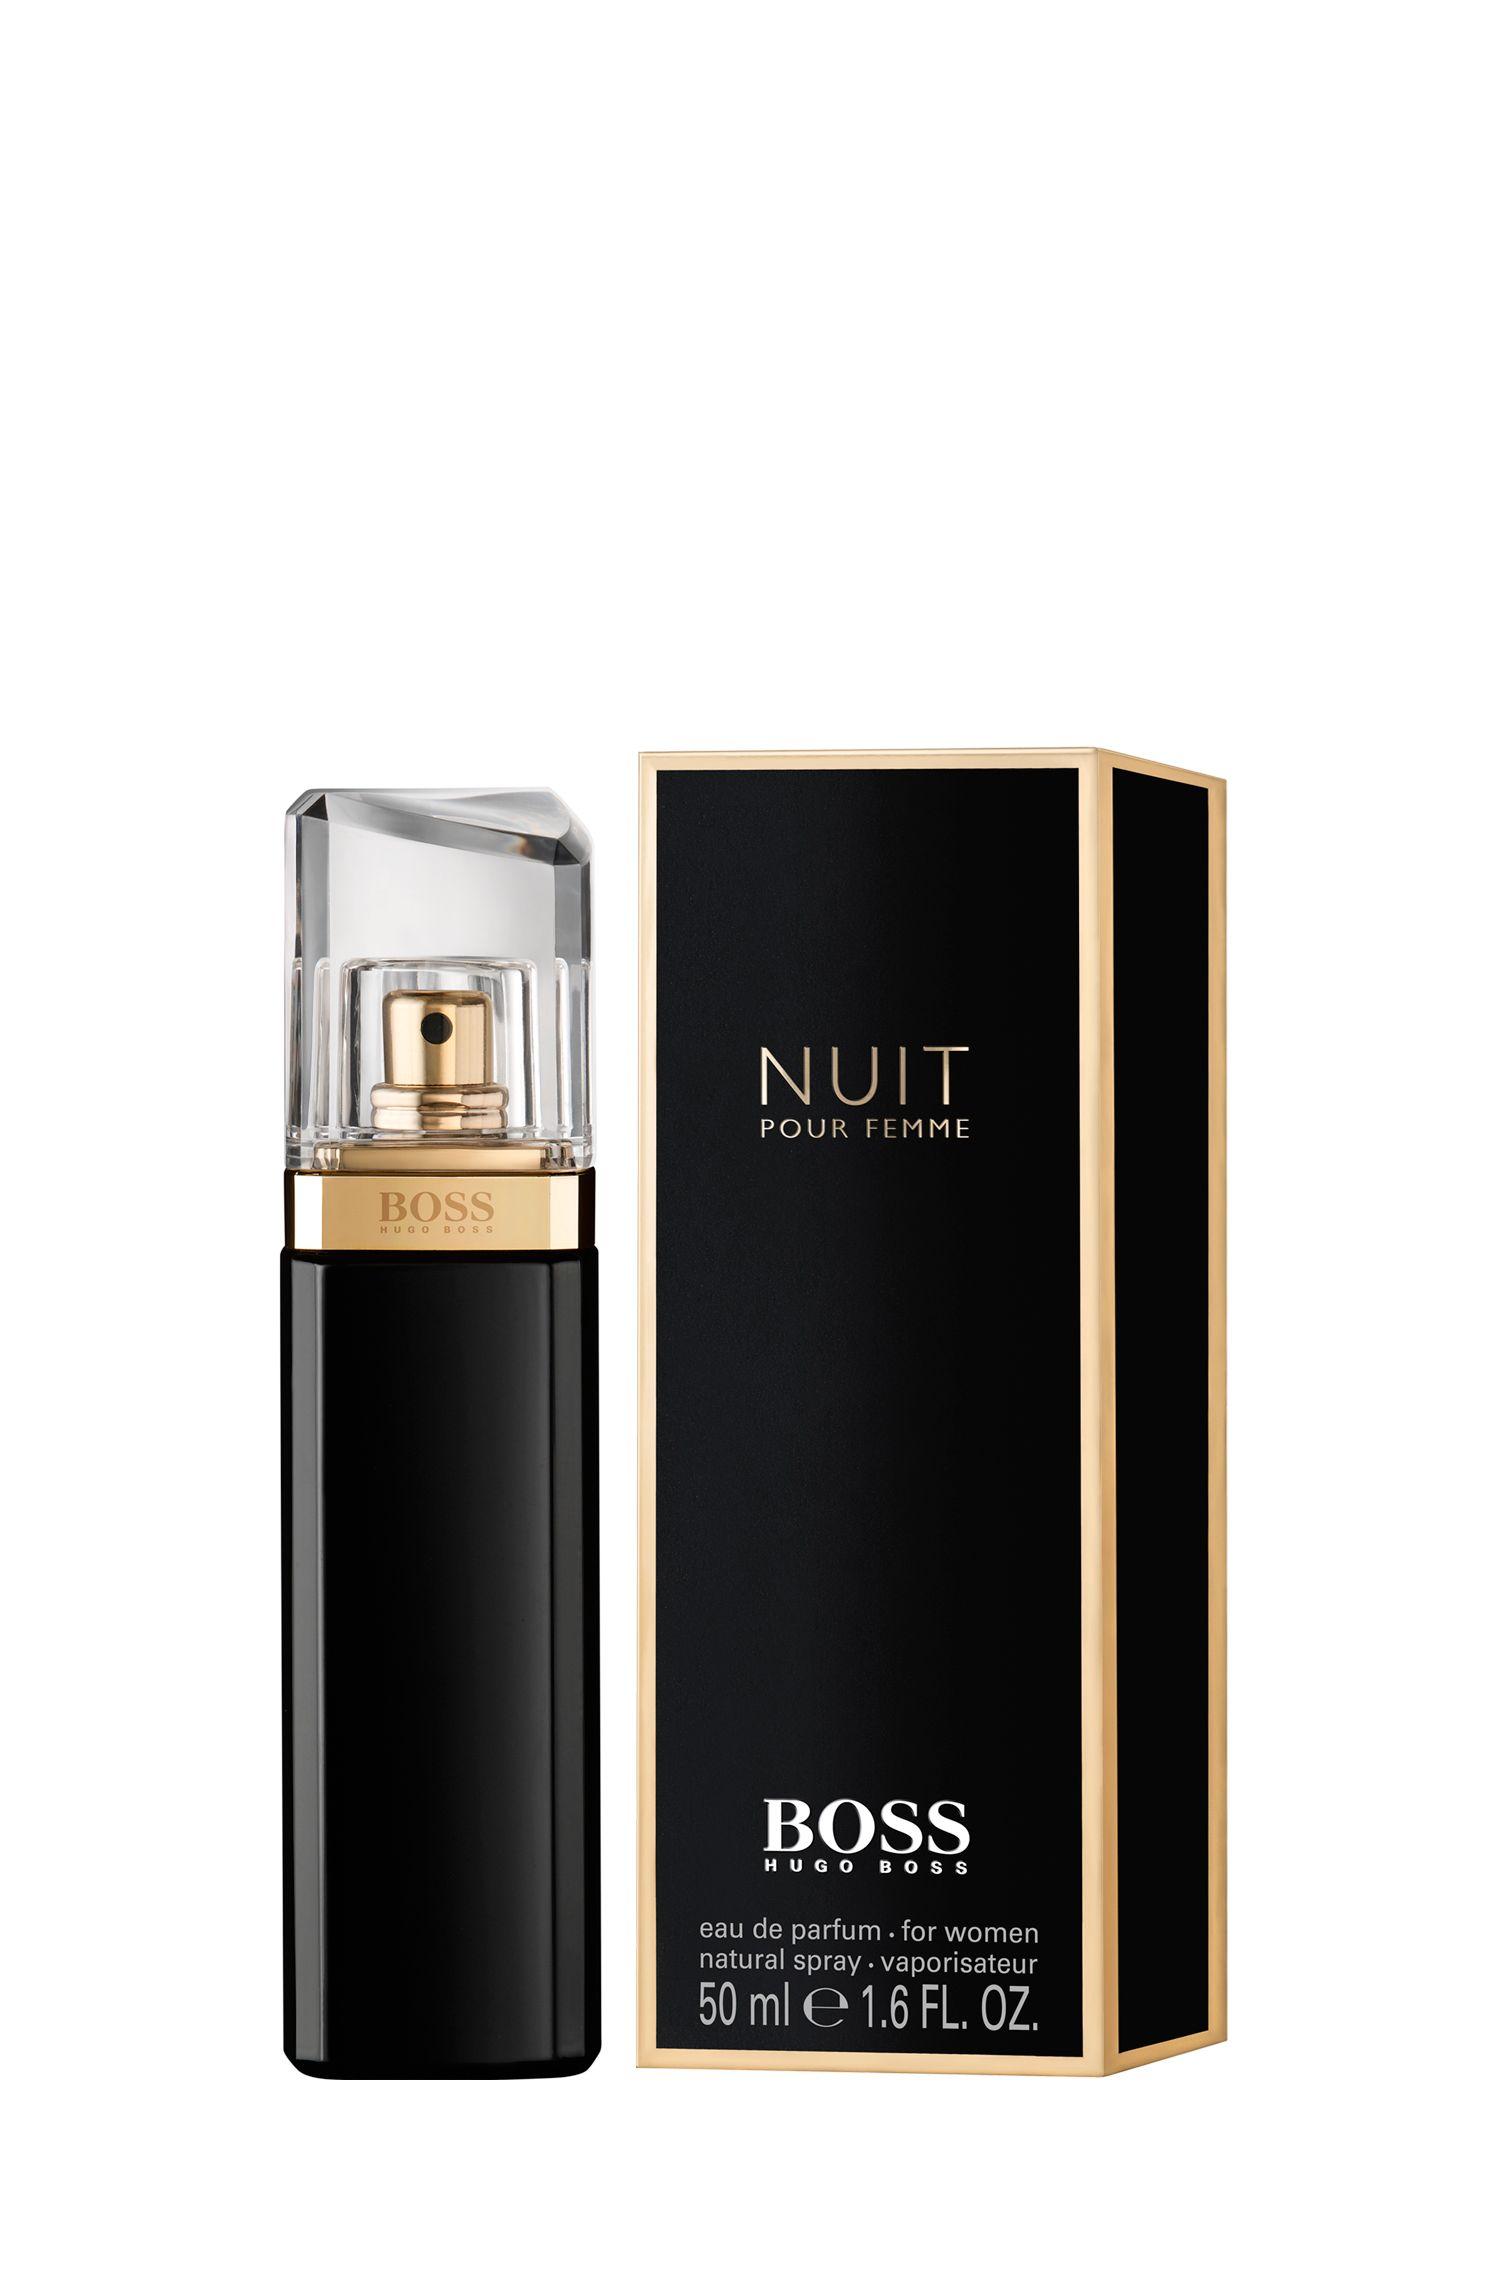 Eau de parfum BOSS Nuit pour femme de 50ml